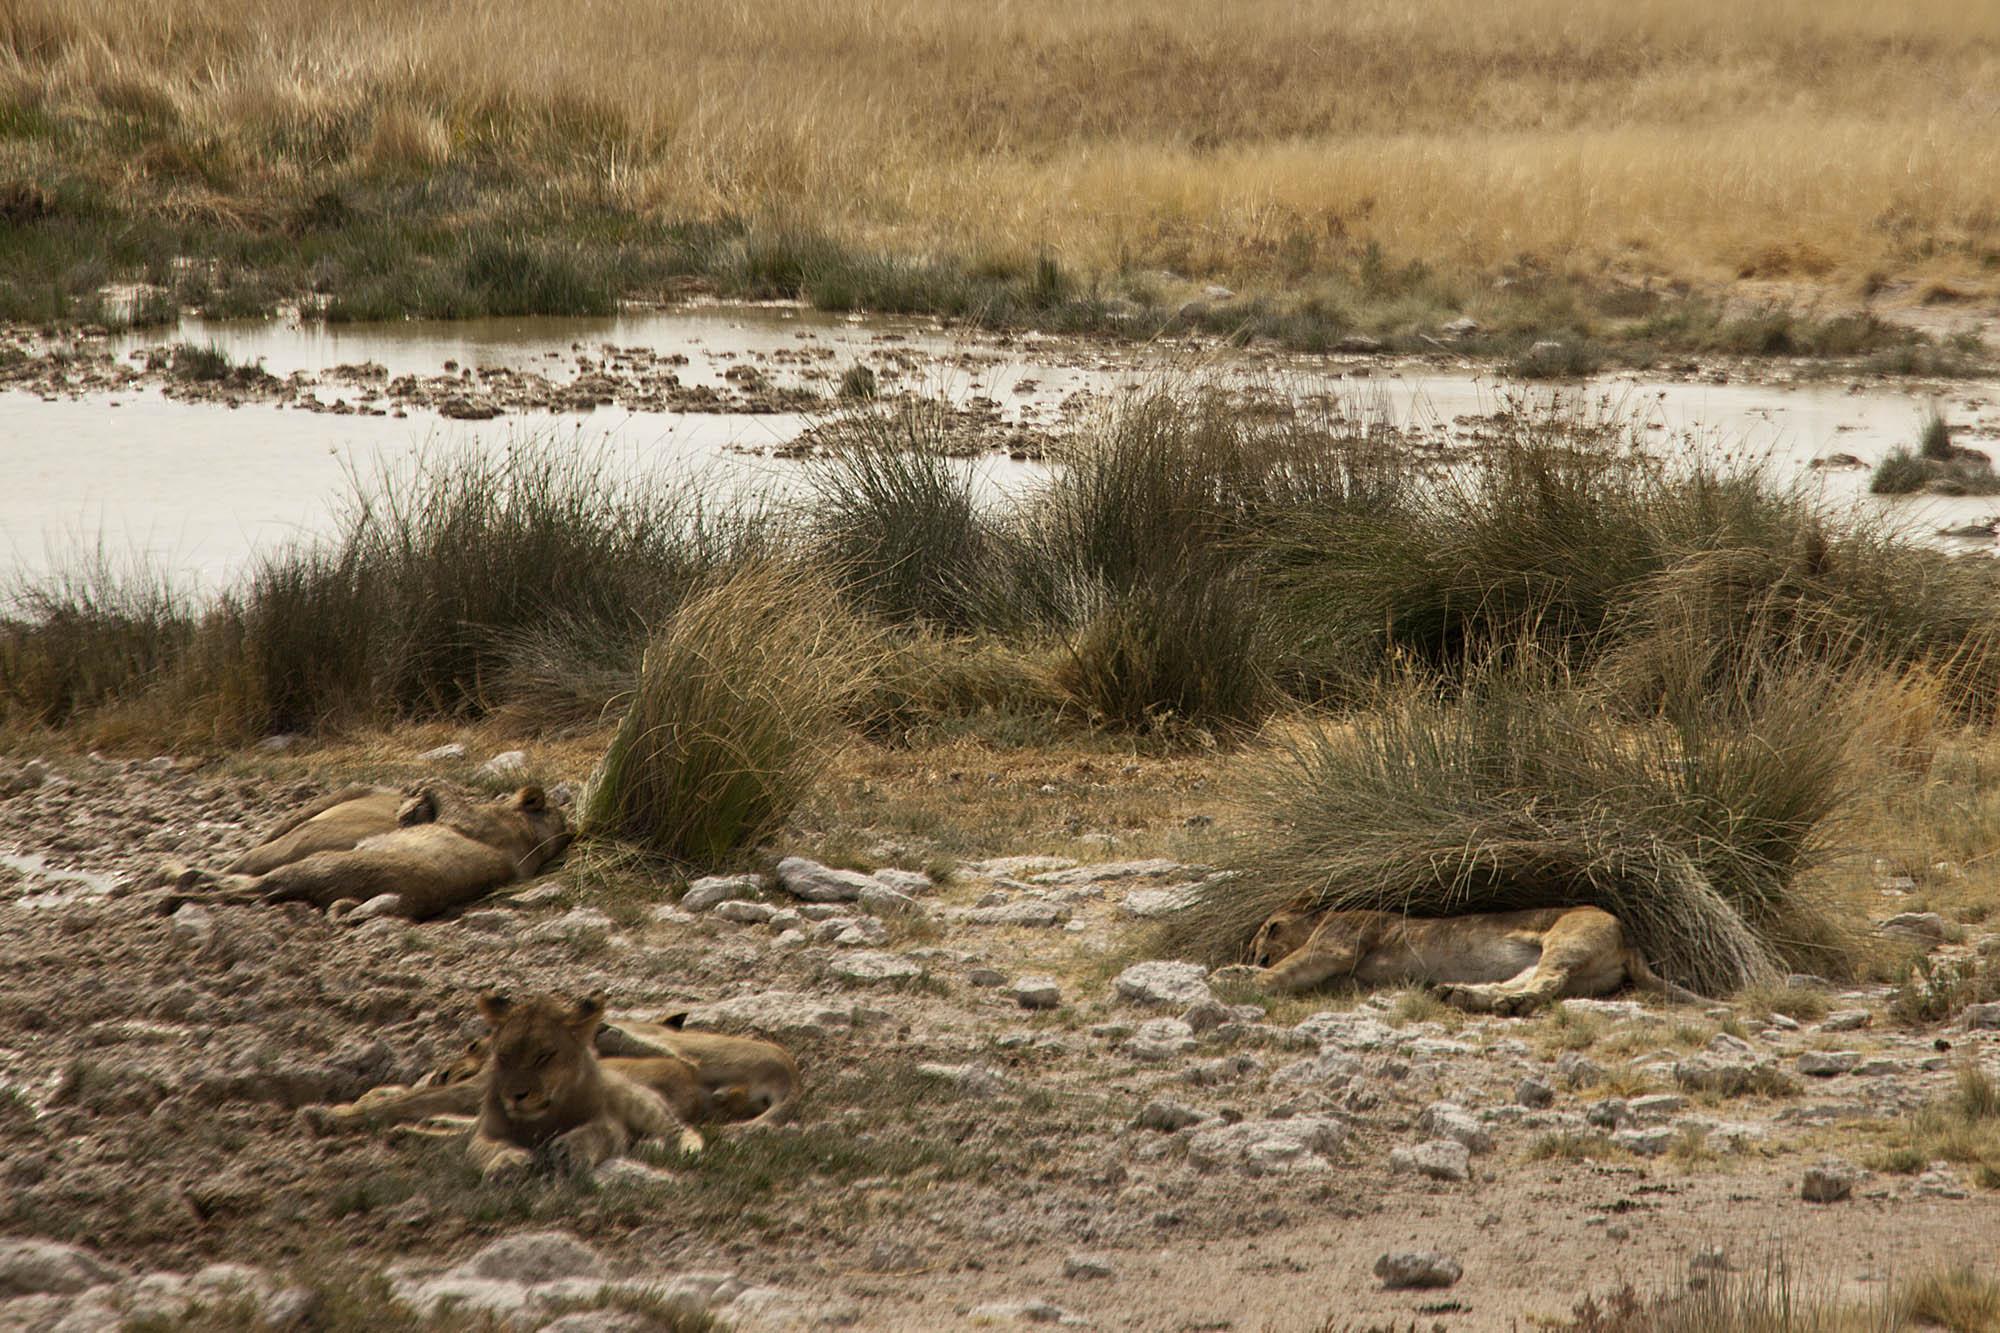 Lions sleeping near the waterhole